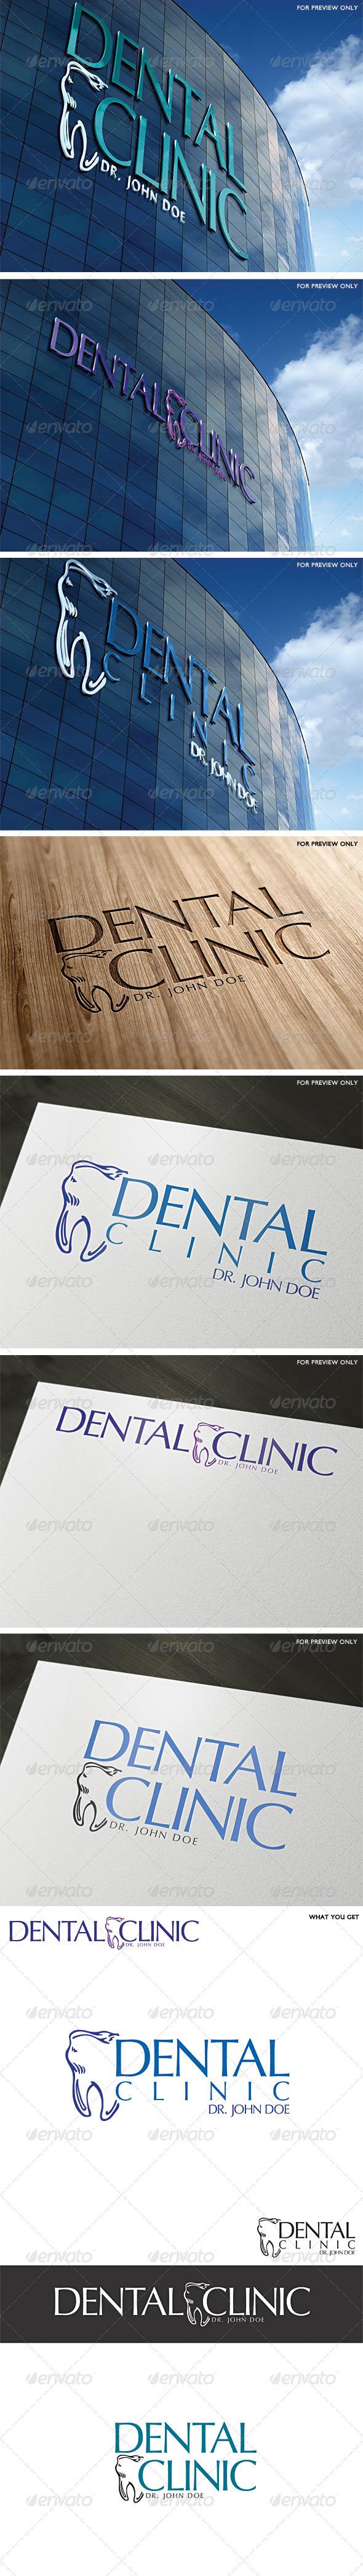 Dental Clinic Logo Template - Vector Abstract